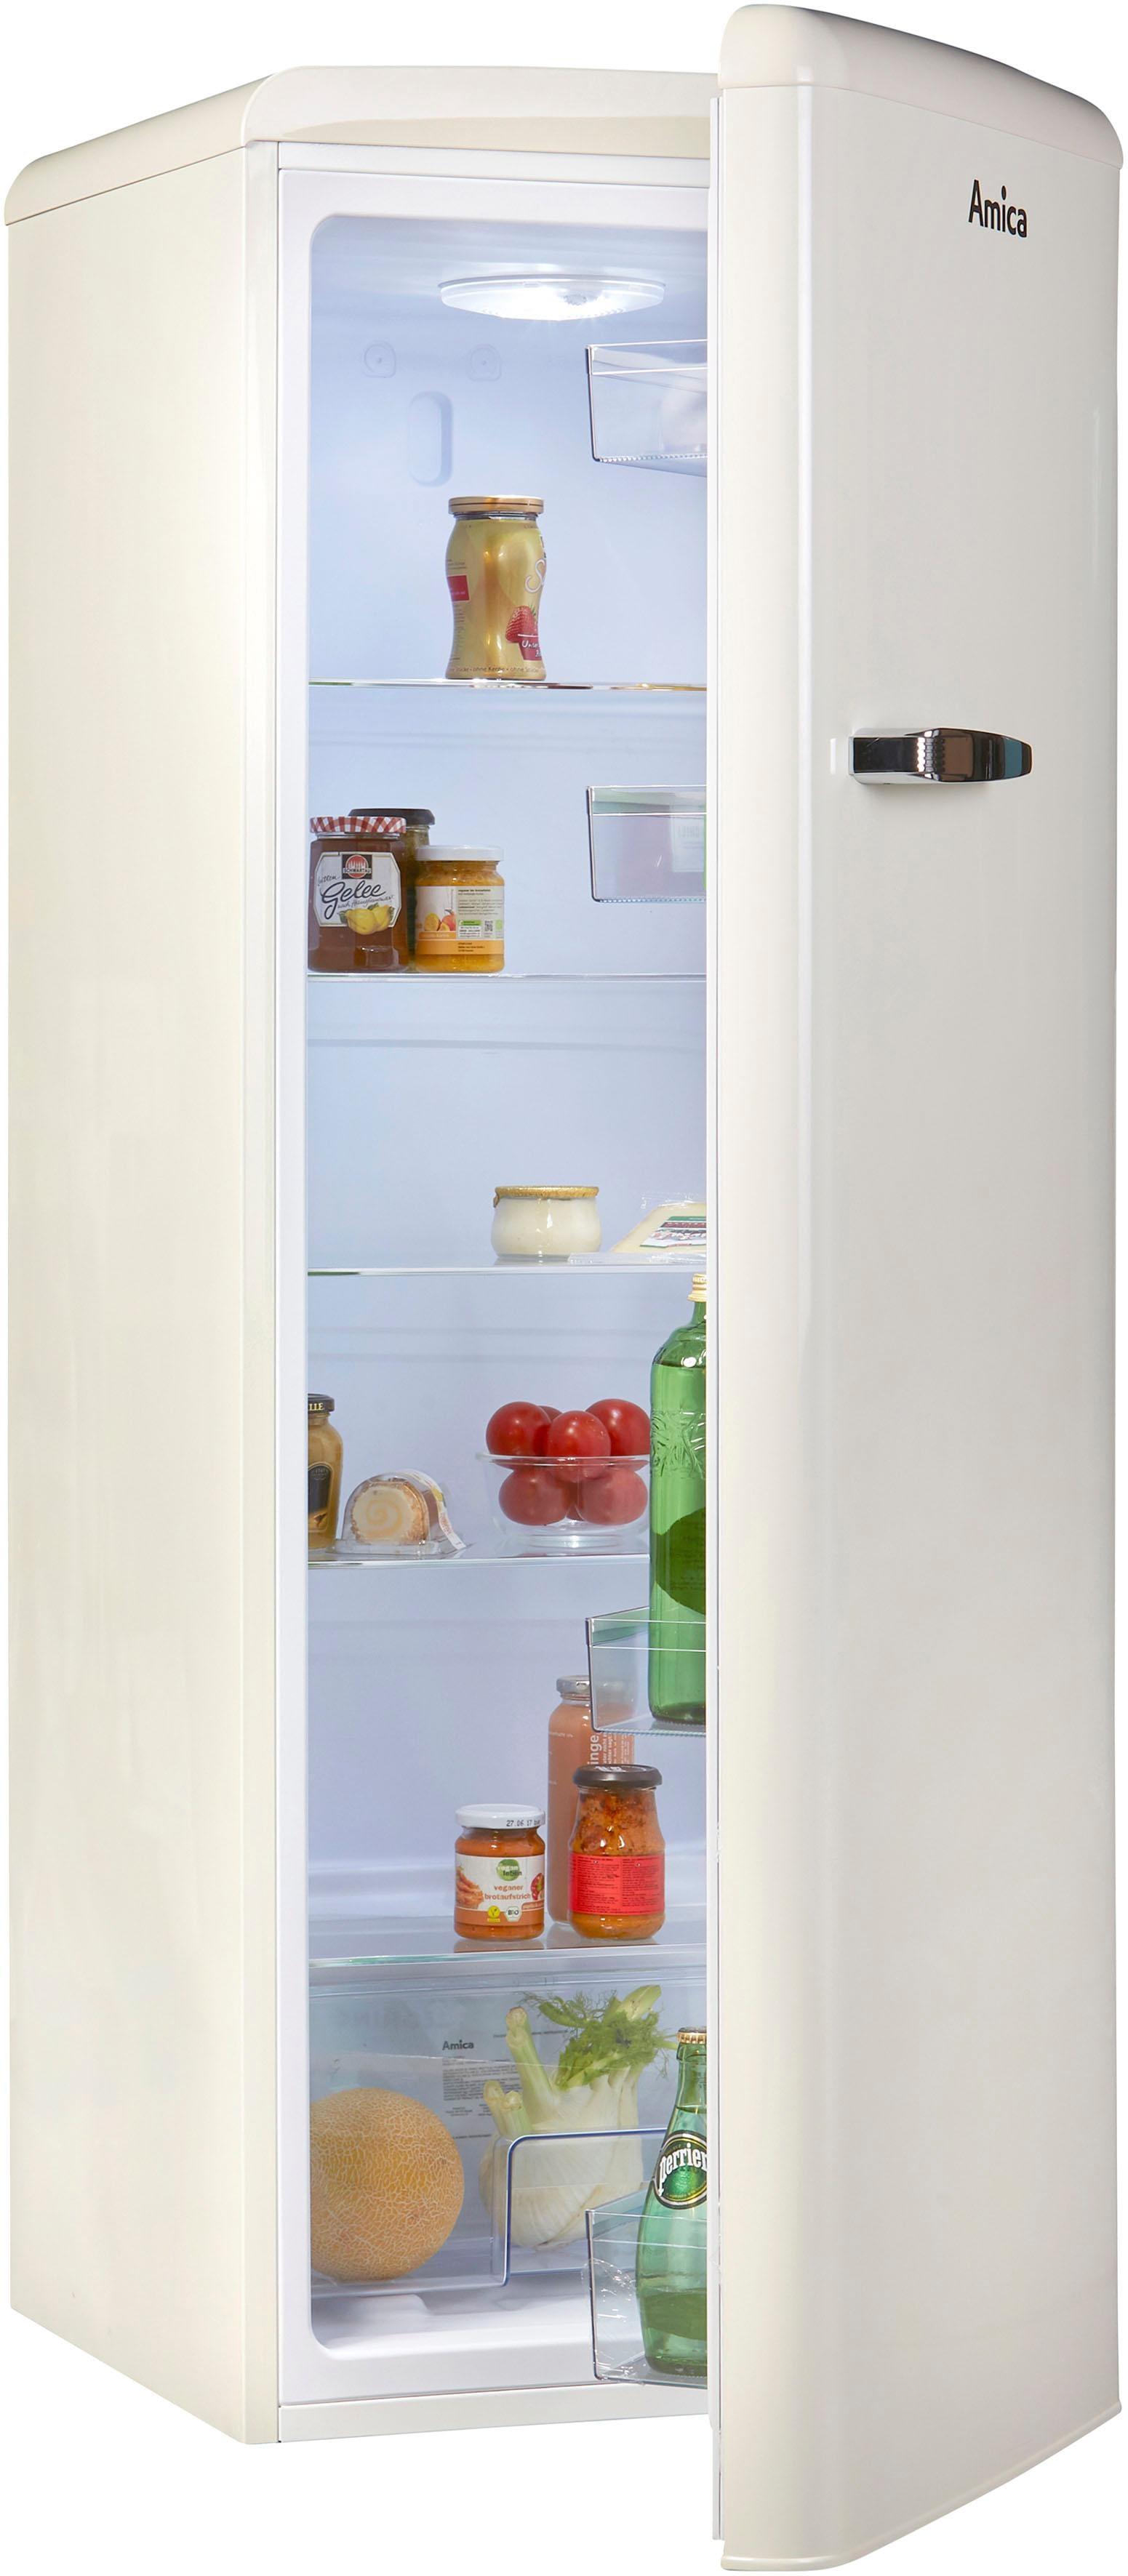 Rabatt Preisvergleichde Amica Kühlschrank 144 Cm Hoch 55 Cm Breit